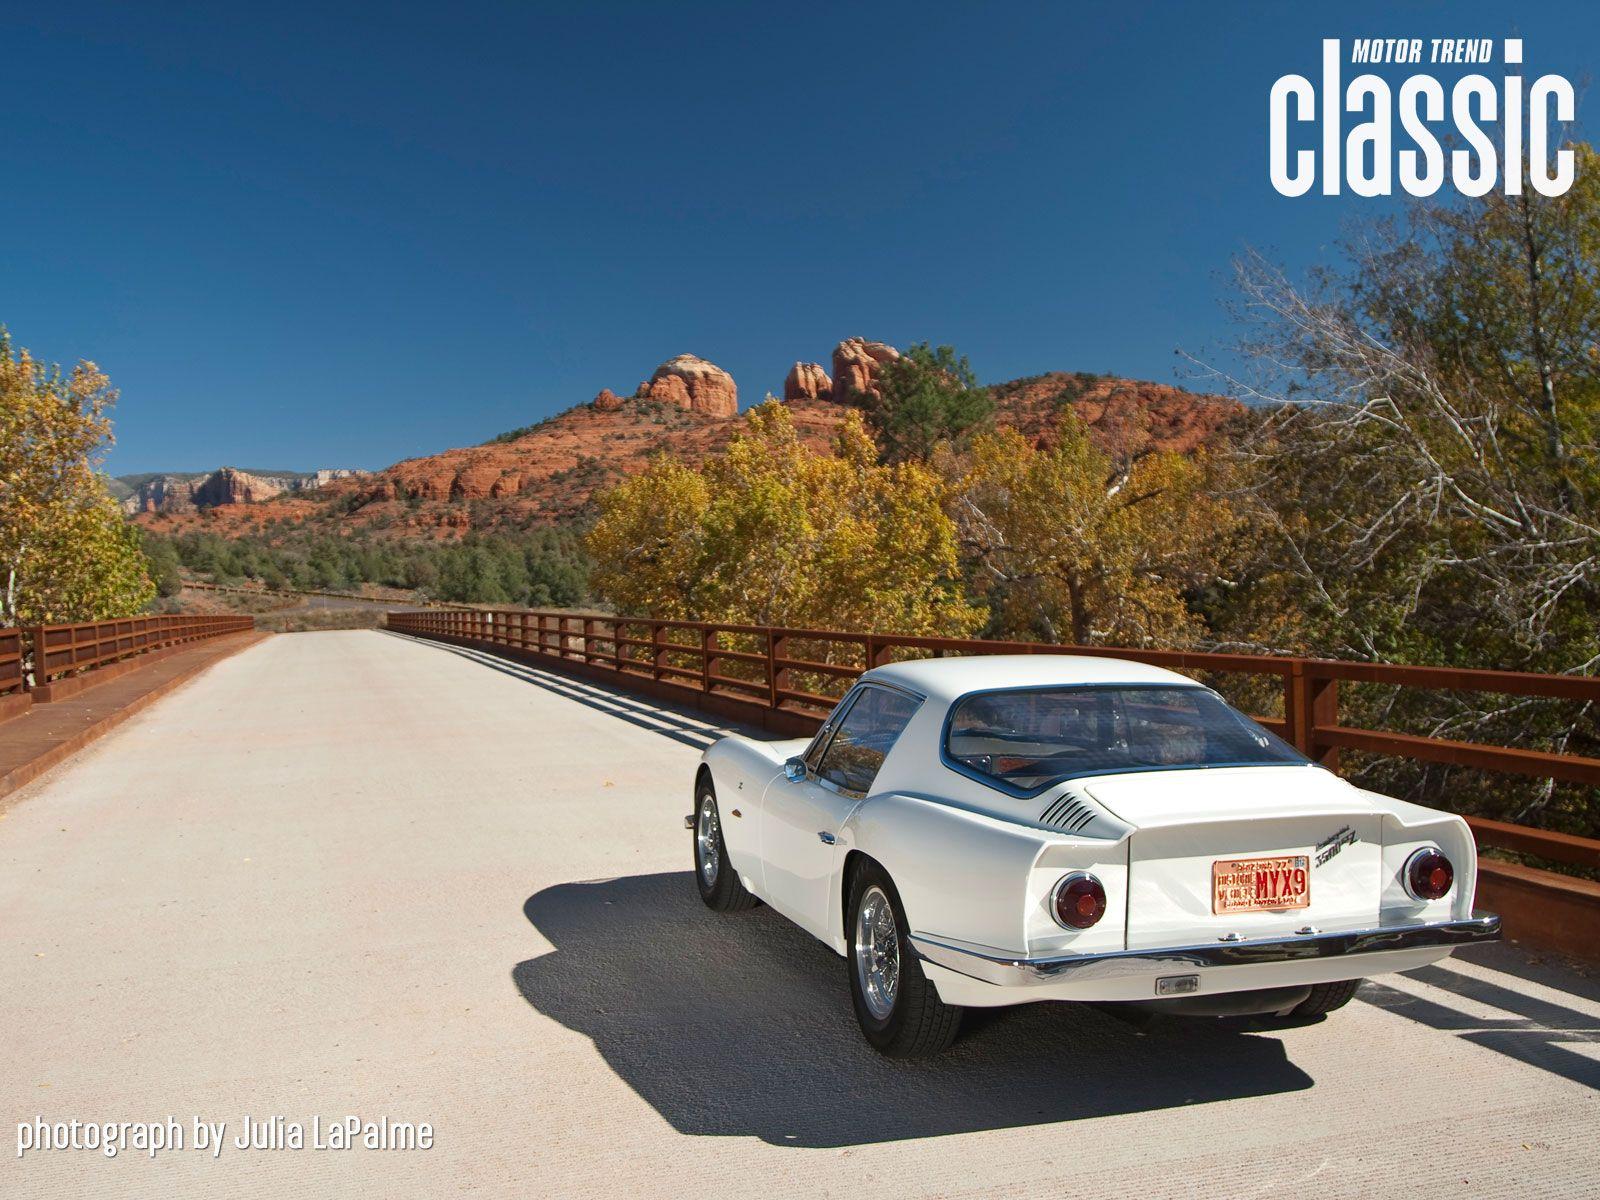 1965 Lamborghini 3500 Gt Zagato Wallpaper Gallery Motor Trend Classic Car In The World Lamborghini Cars